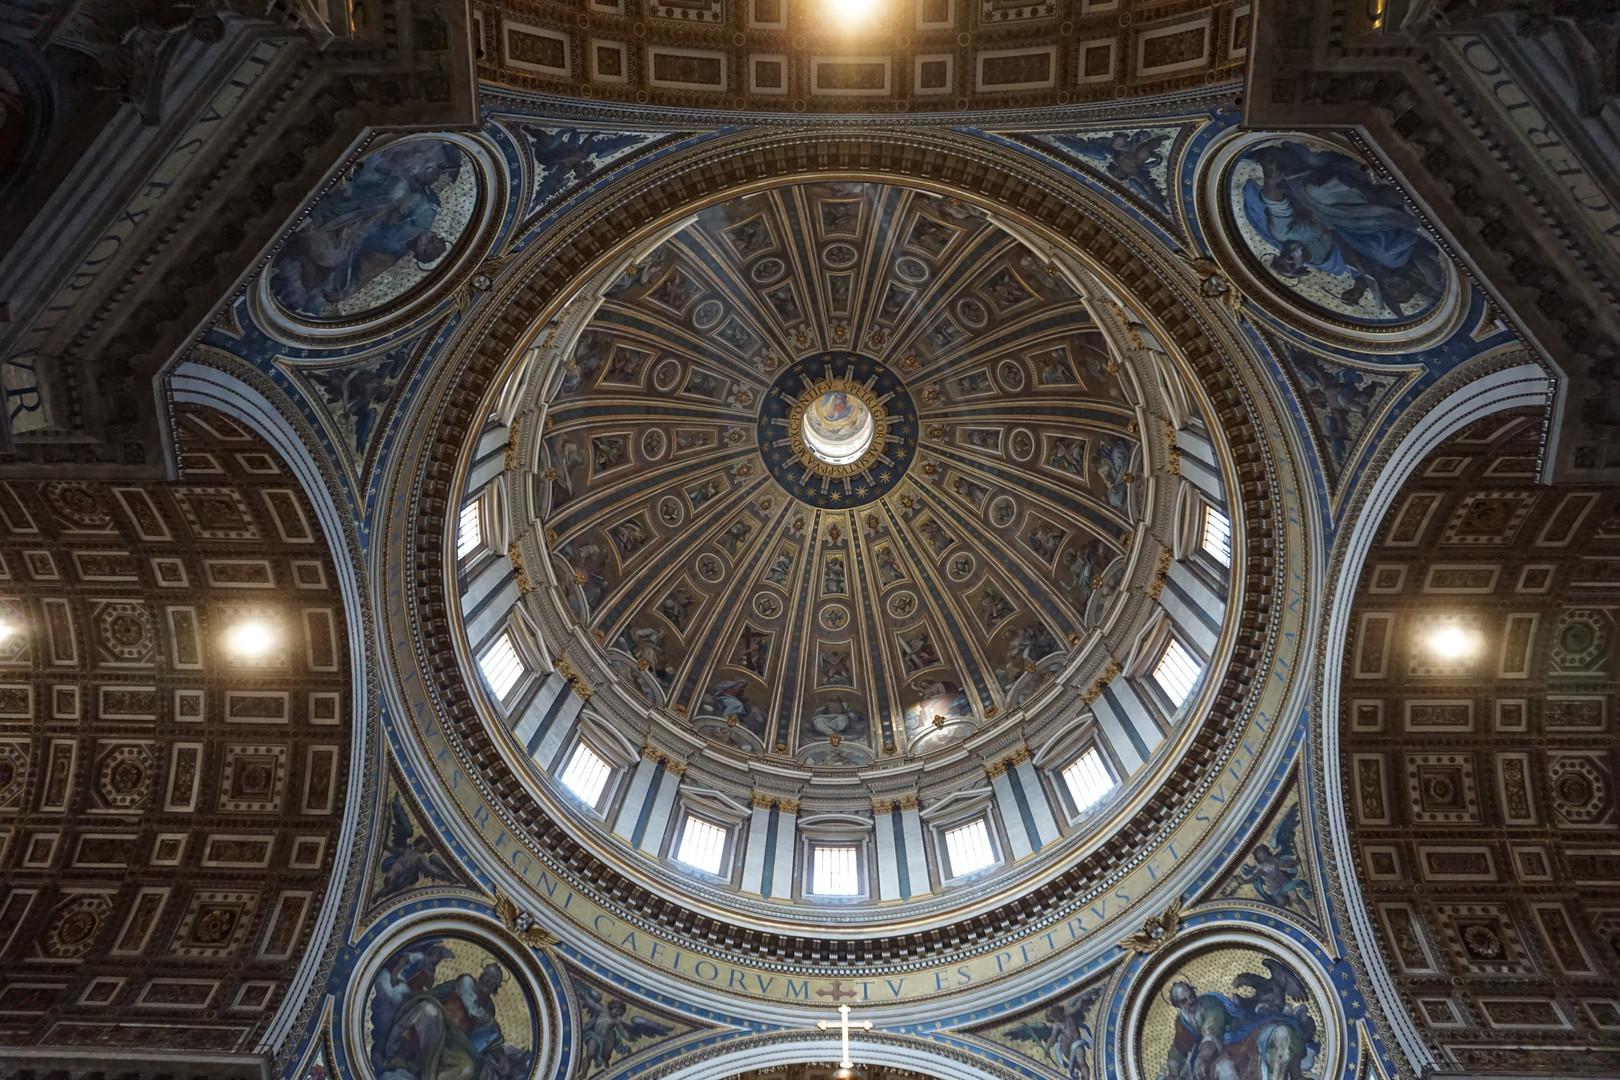 Die Kummpel des Petersdoms mit einem Durchmesser von 42 Meter